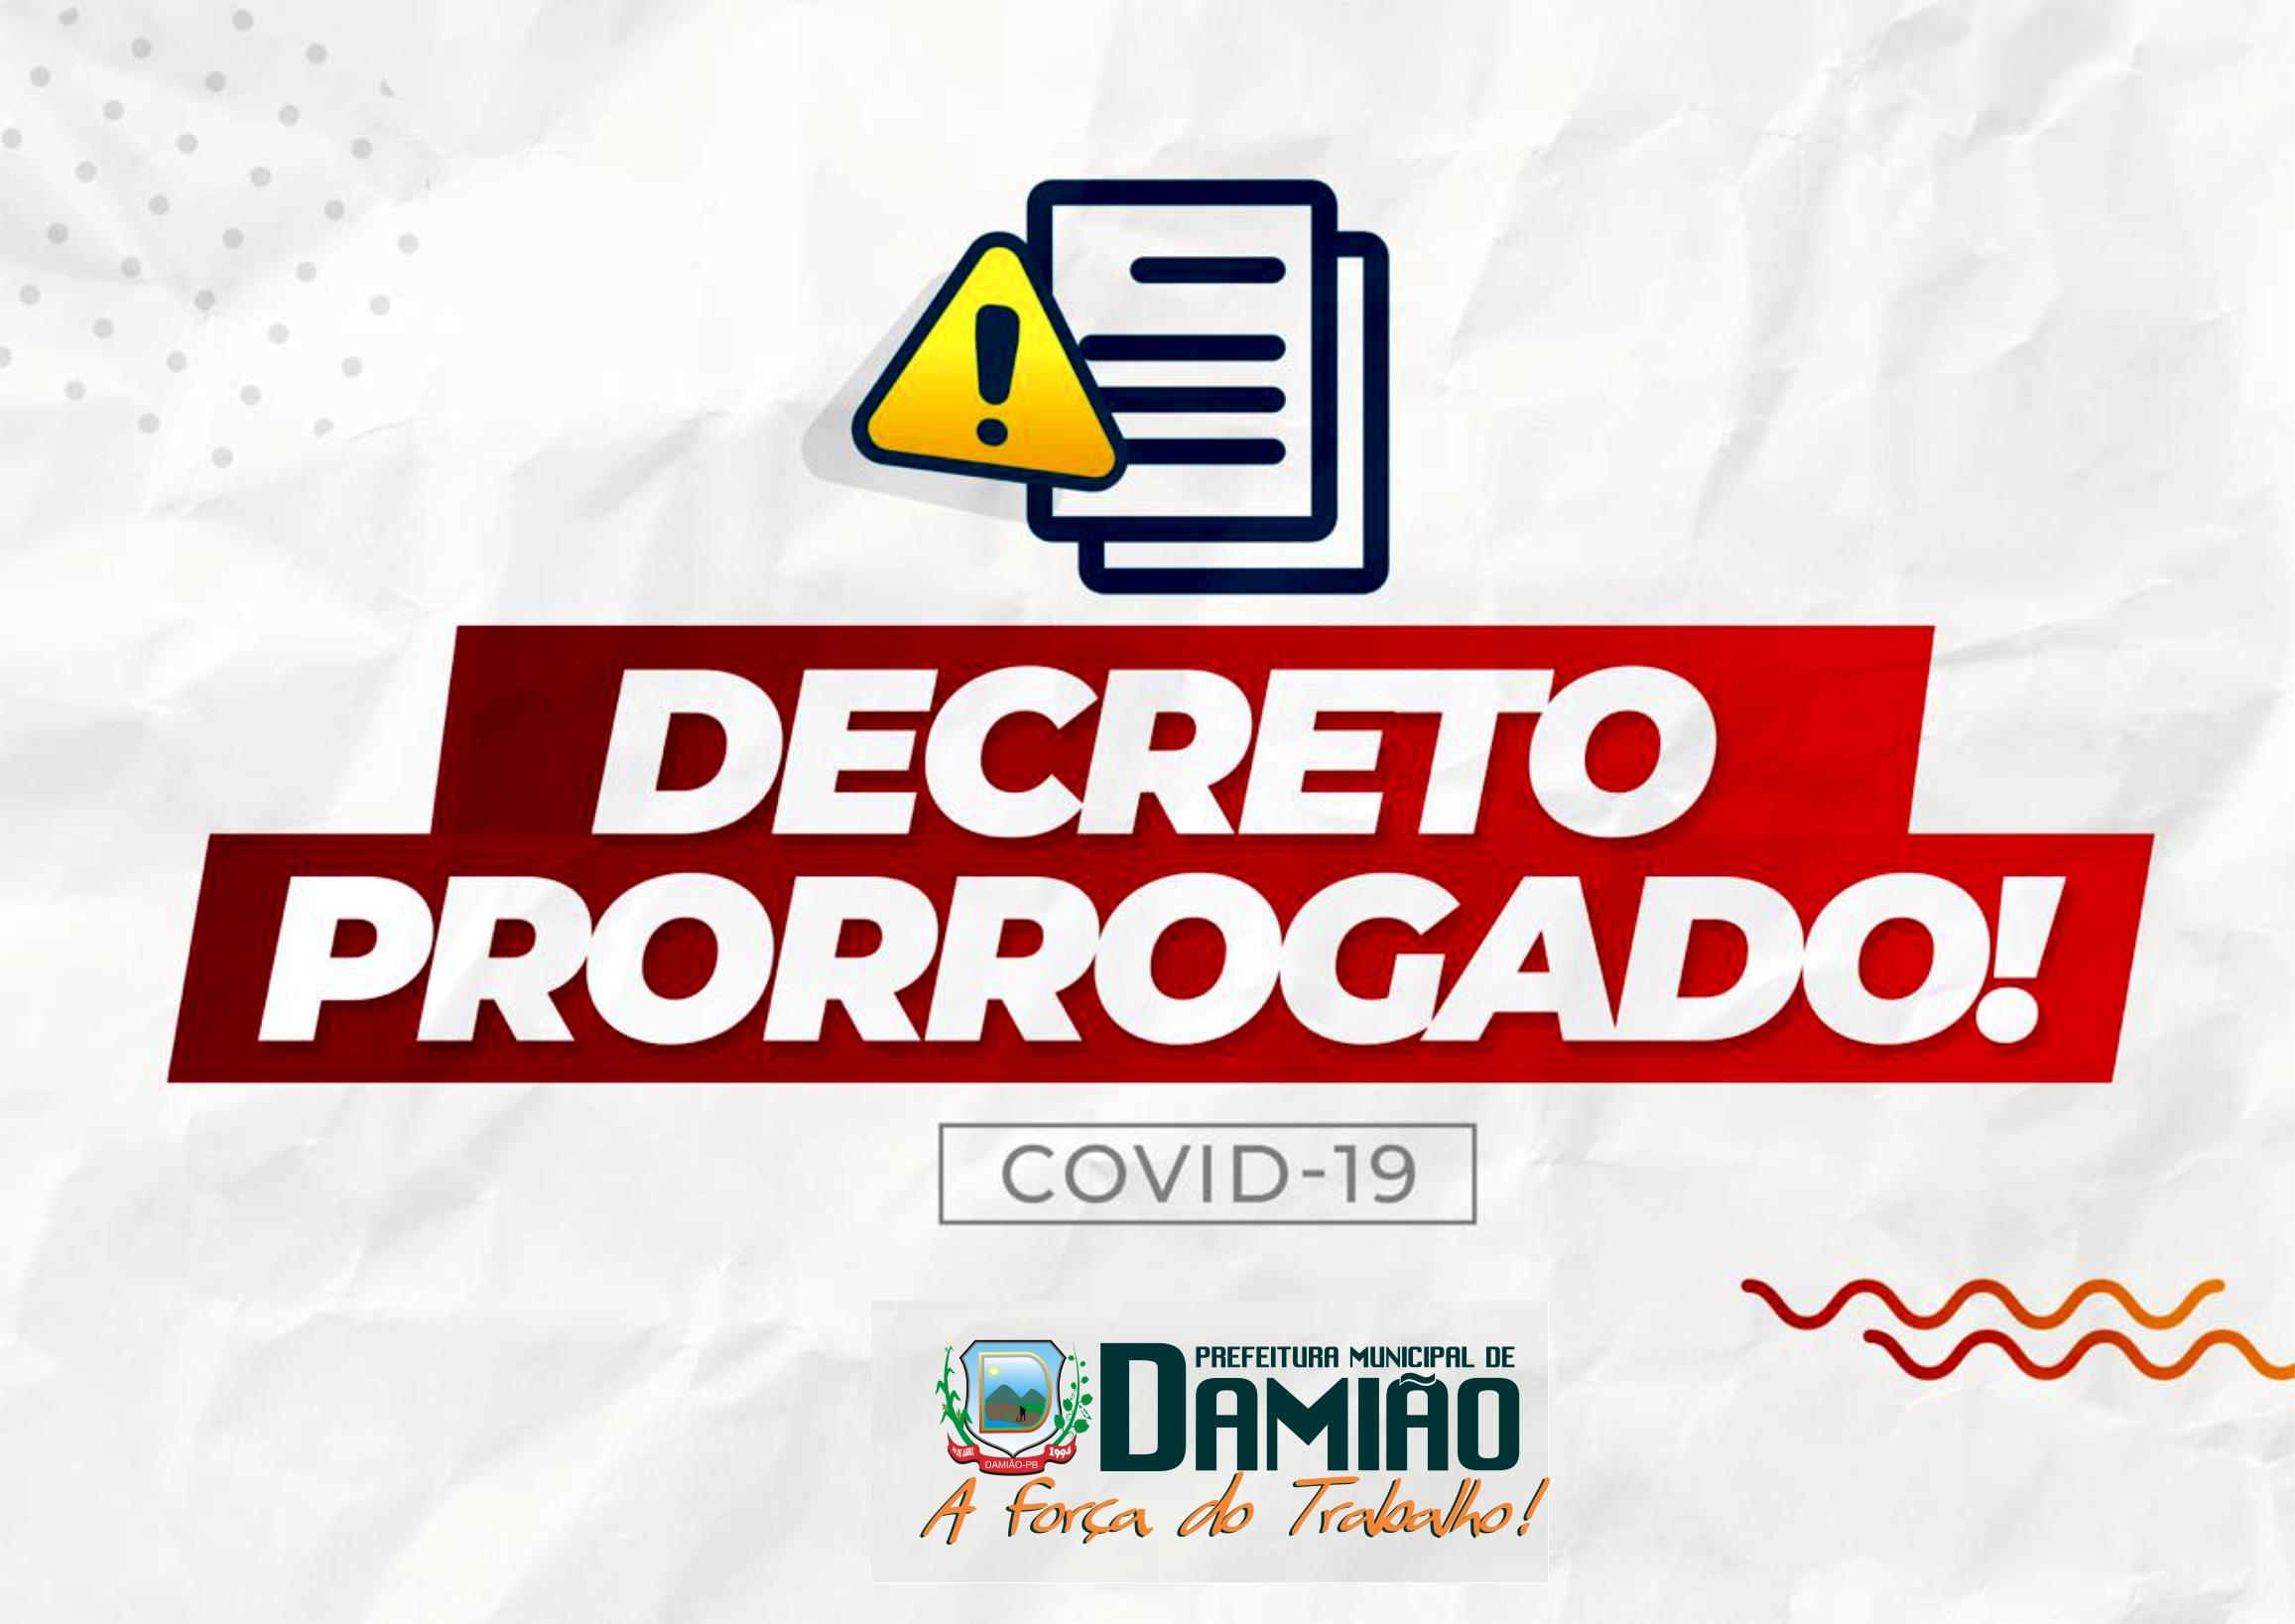 DECRETO Nº 017 DE 22 DE JUNHO DE 2020 – PRORROGAÇÃO DE MEDIDAS EMERGENCIAIS CORONAVÍRUS